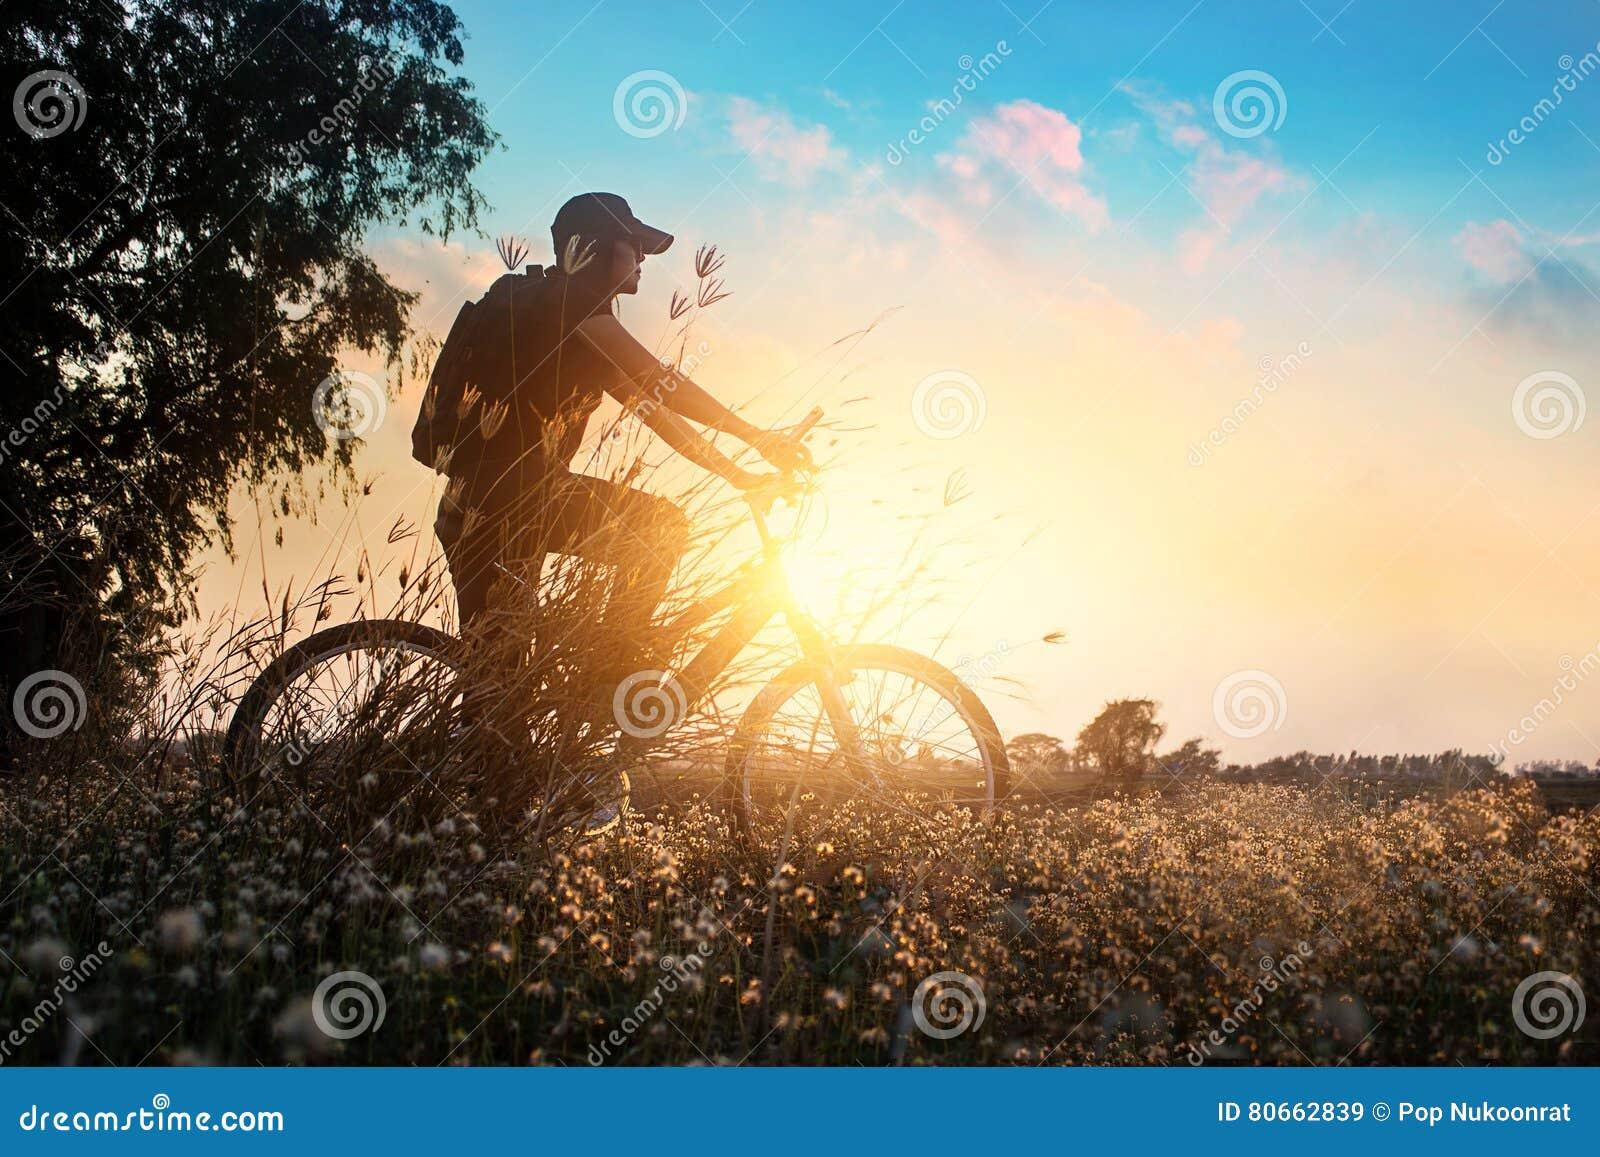 Rowerzysta na rower górski przygodzie w pięknej kwiat naturze lato zmierzch